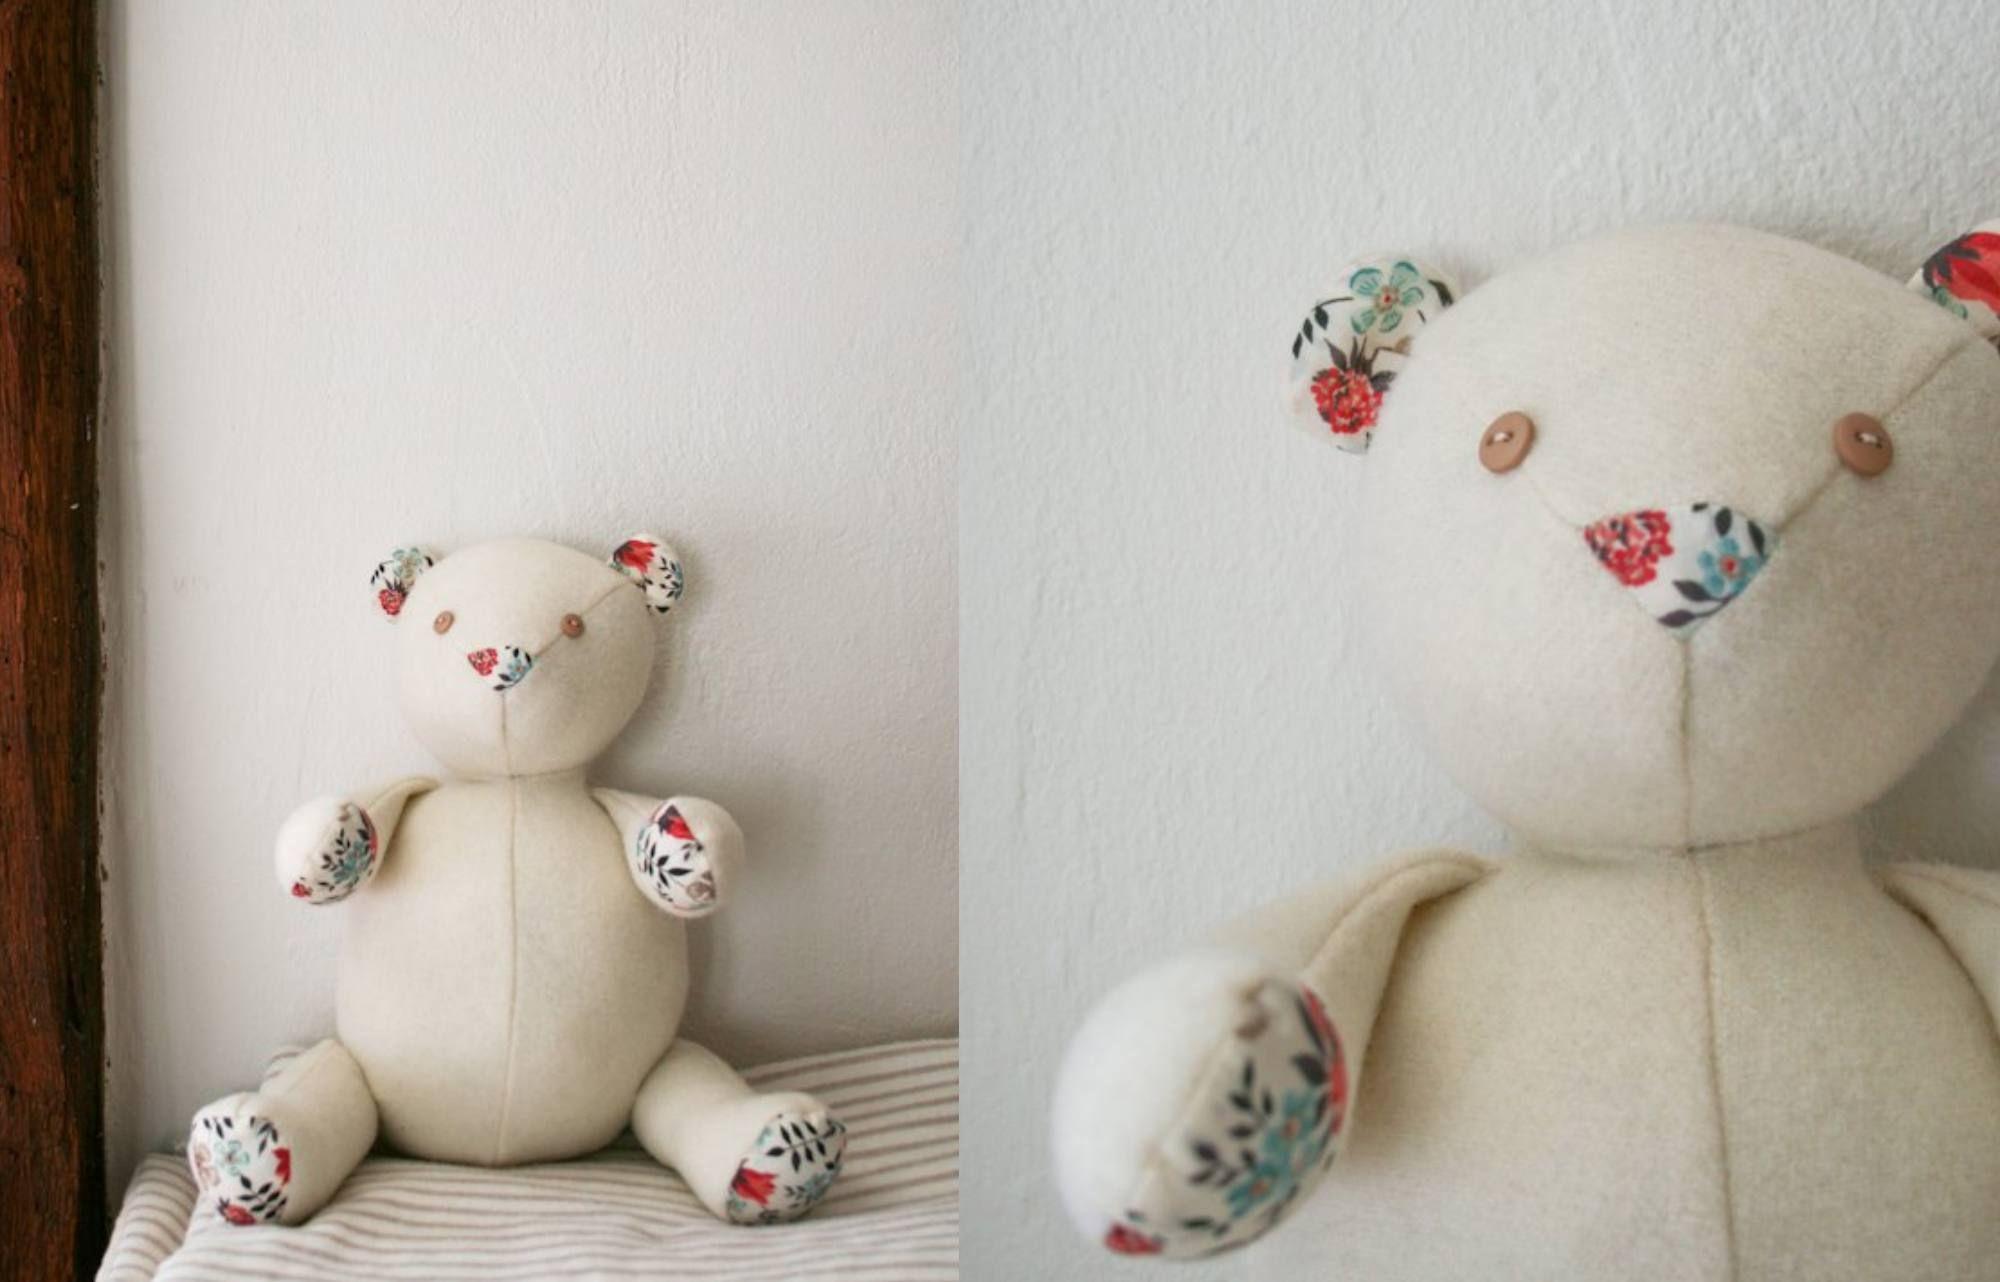 Teddy Bear Sewing Pattern 10 Adorable Teddy Bear Sewing Patterns #babyteddybear